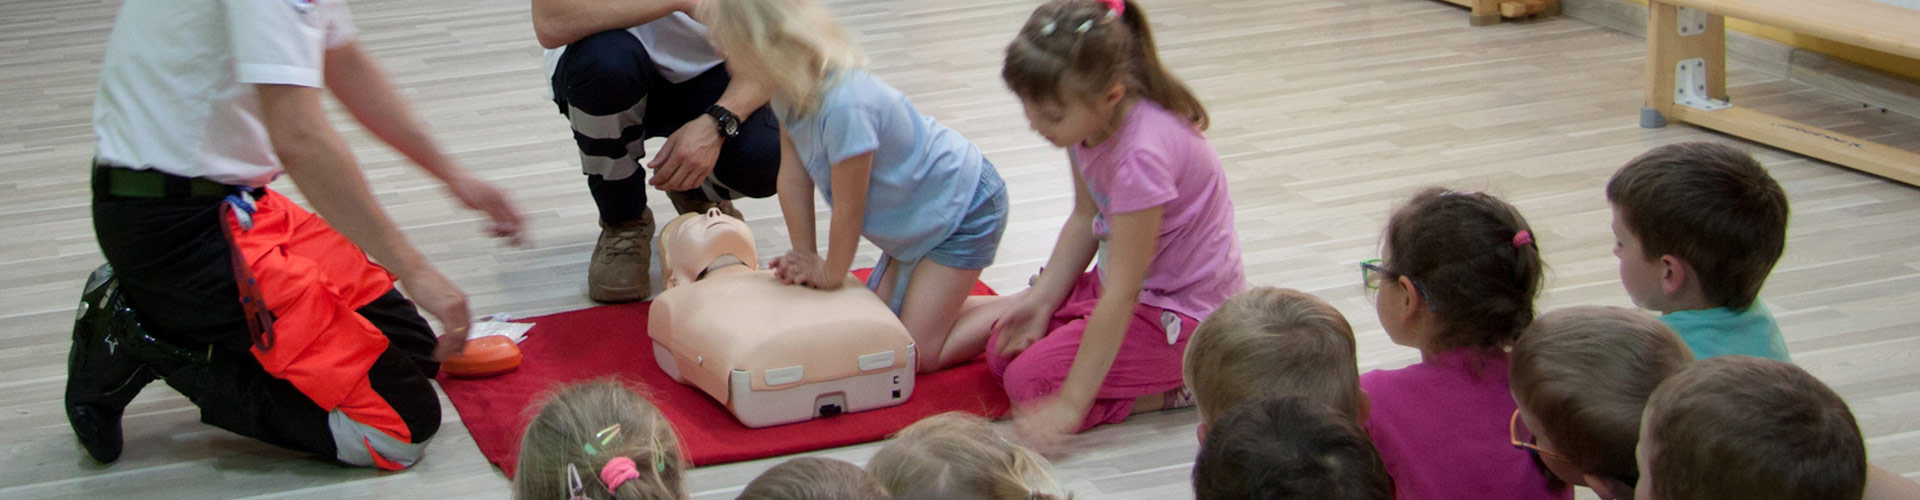 Nauka-pierwszej-pomocy-dla-dzieci-i-młodzieży-metody-dostosowane-do-wieku